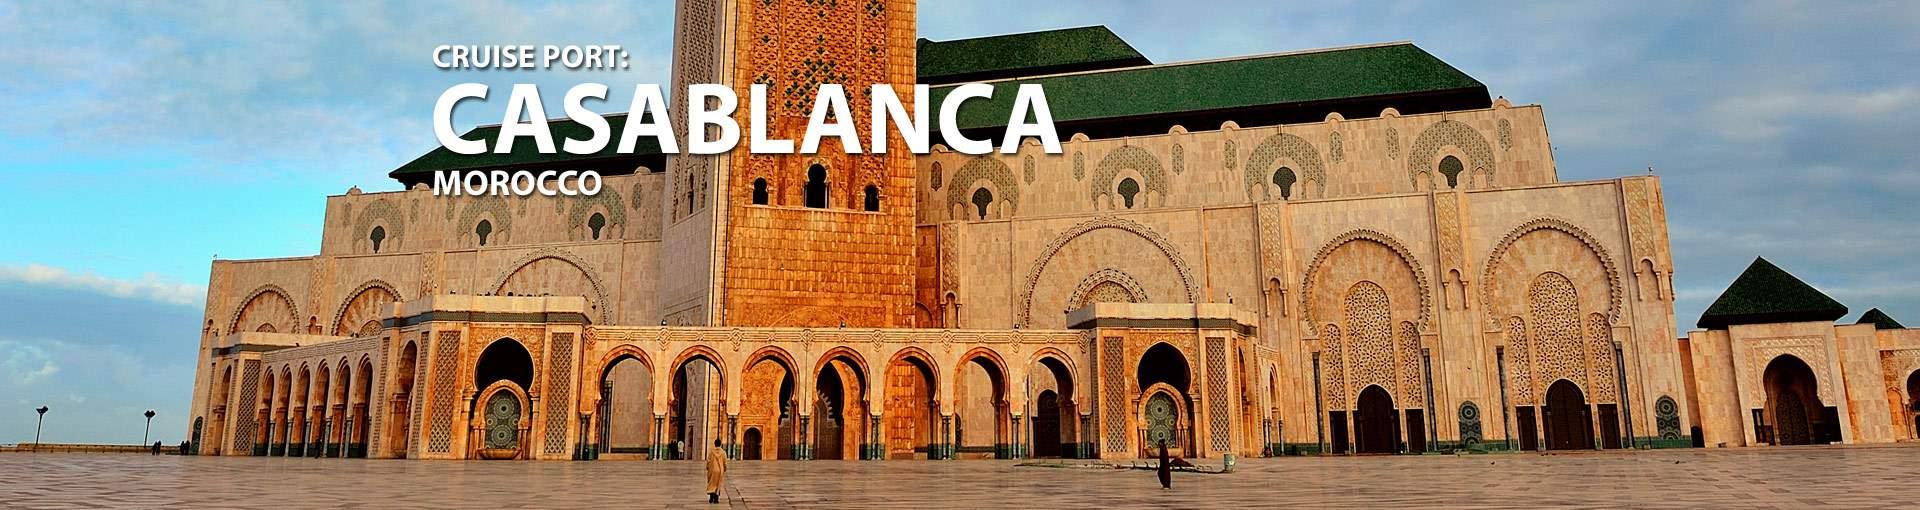 Cruises to Casablanca, Morocco